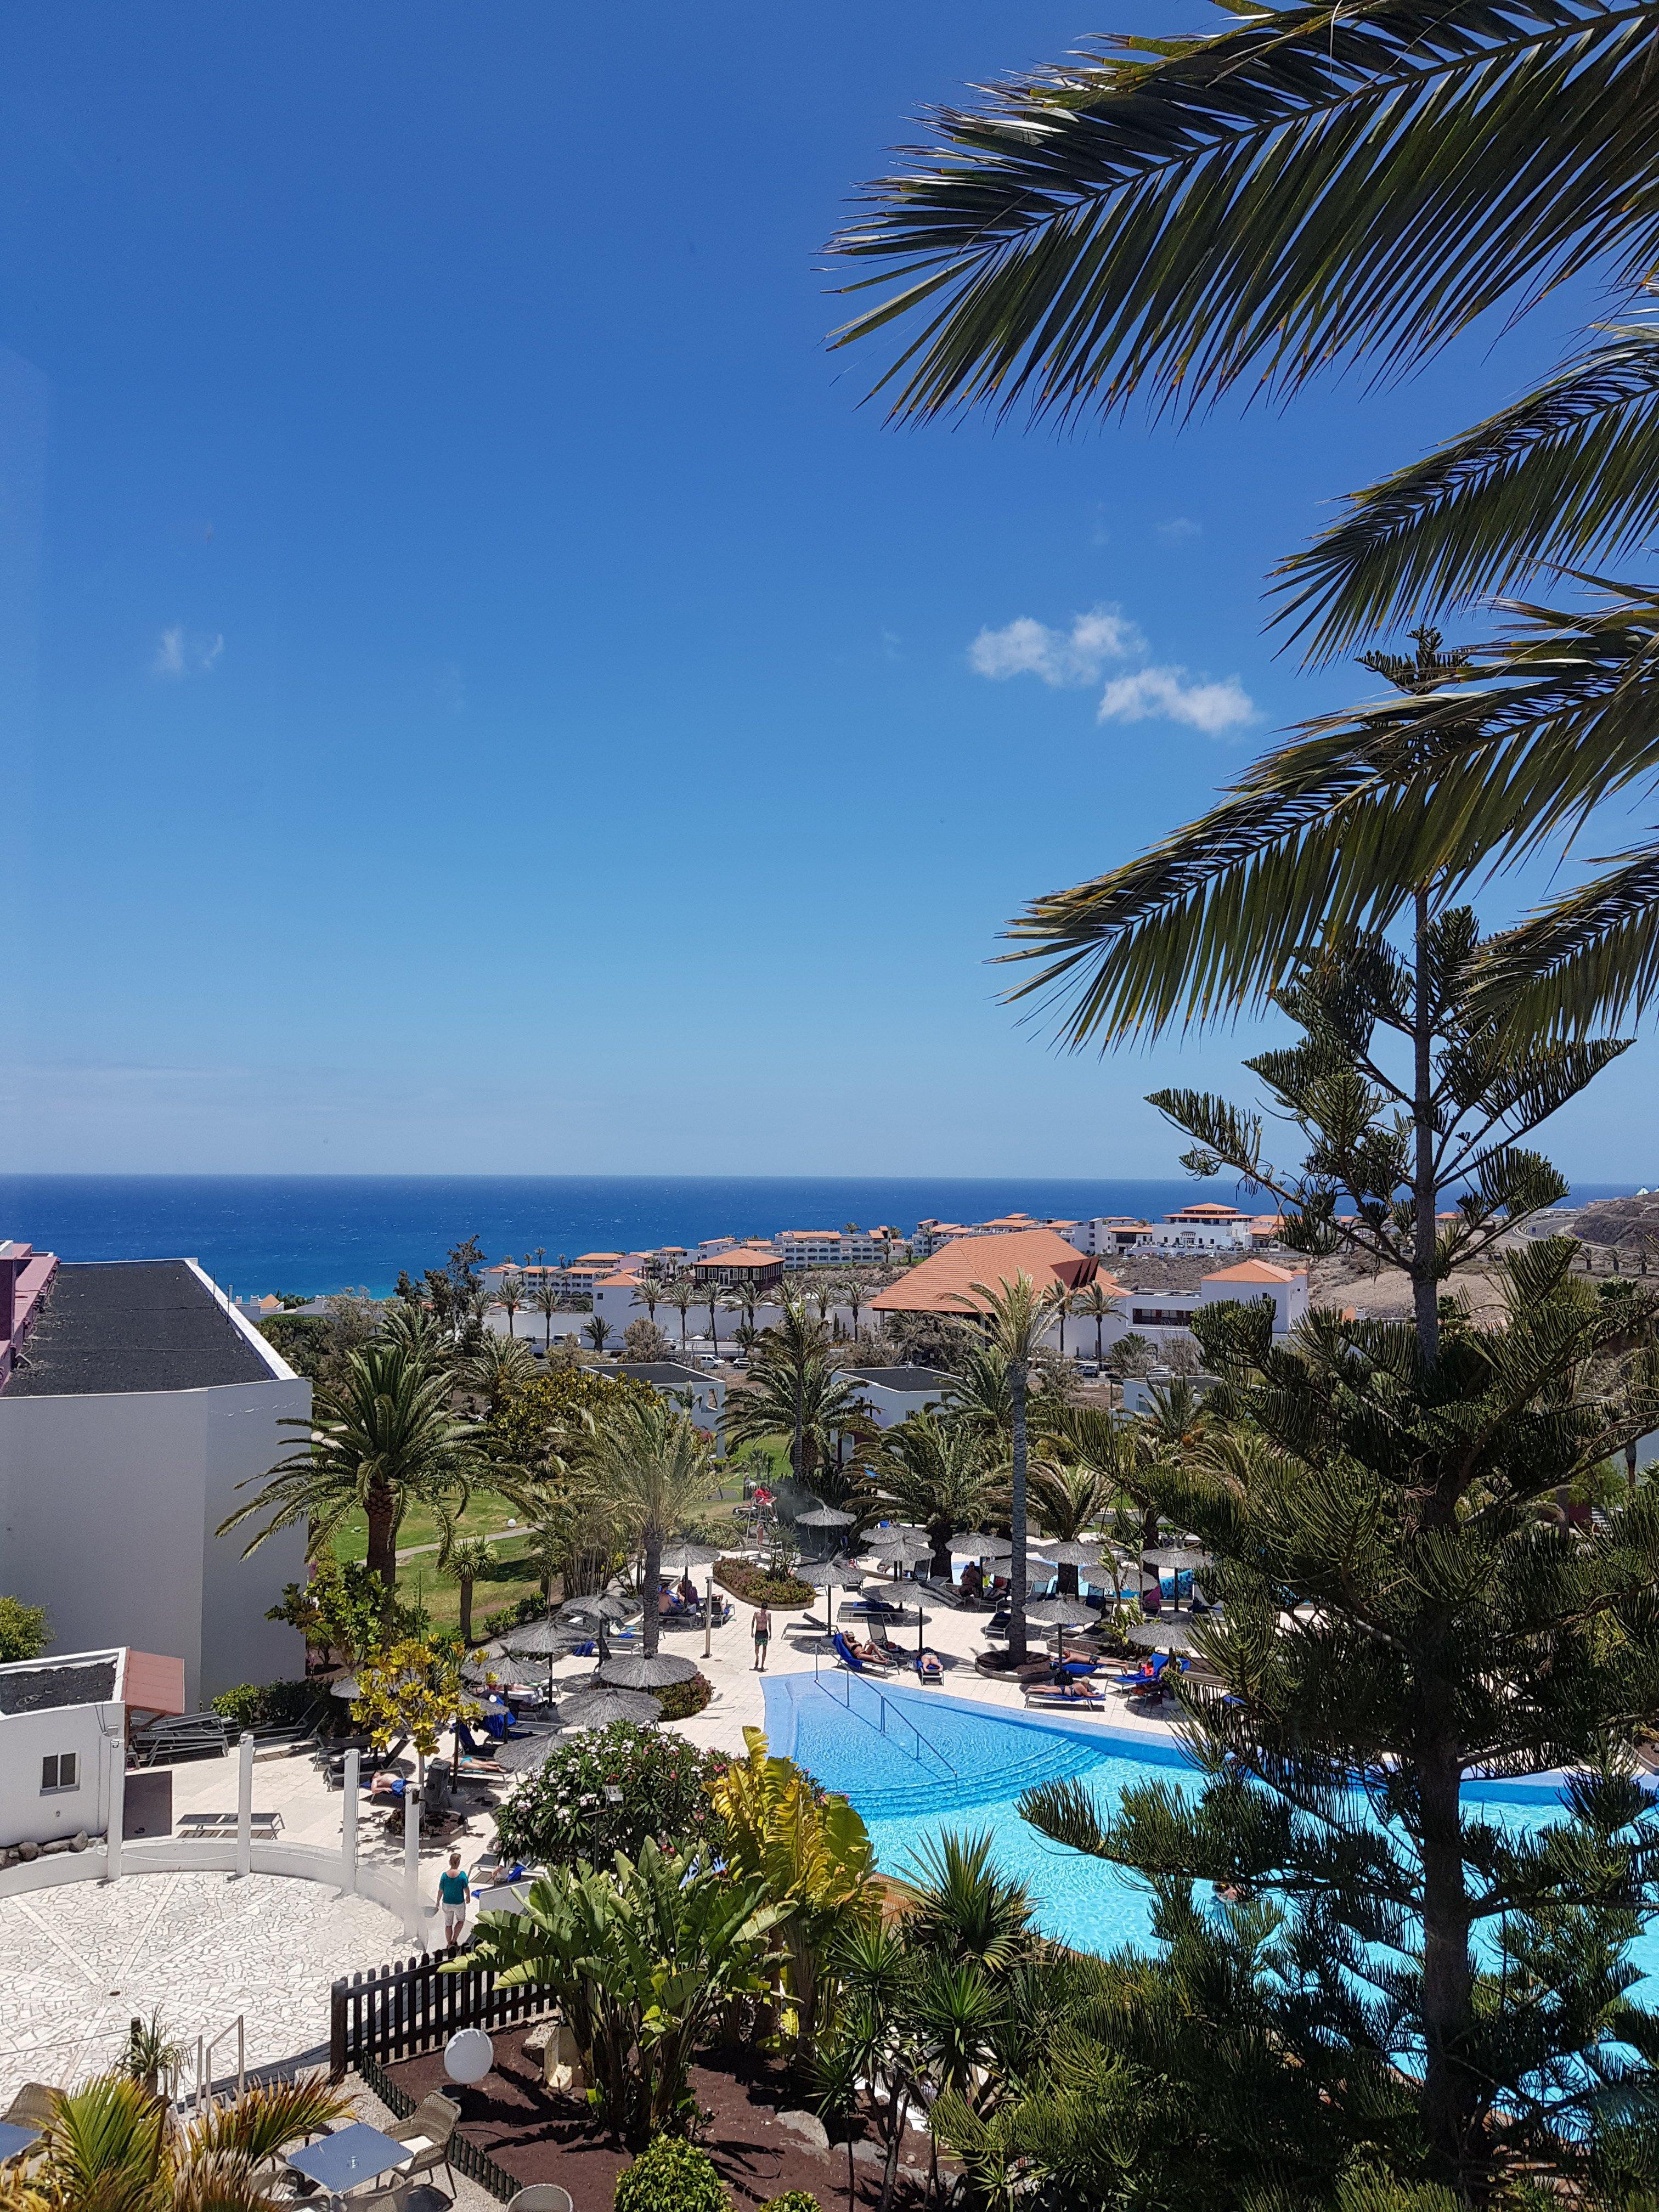 conny doll lifestyle: Insel, kanarische Inseln, blauer Himmel, Hotelanlage,